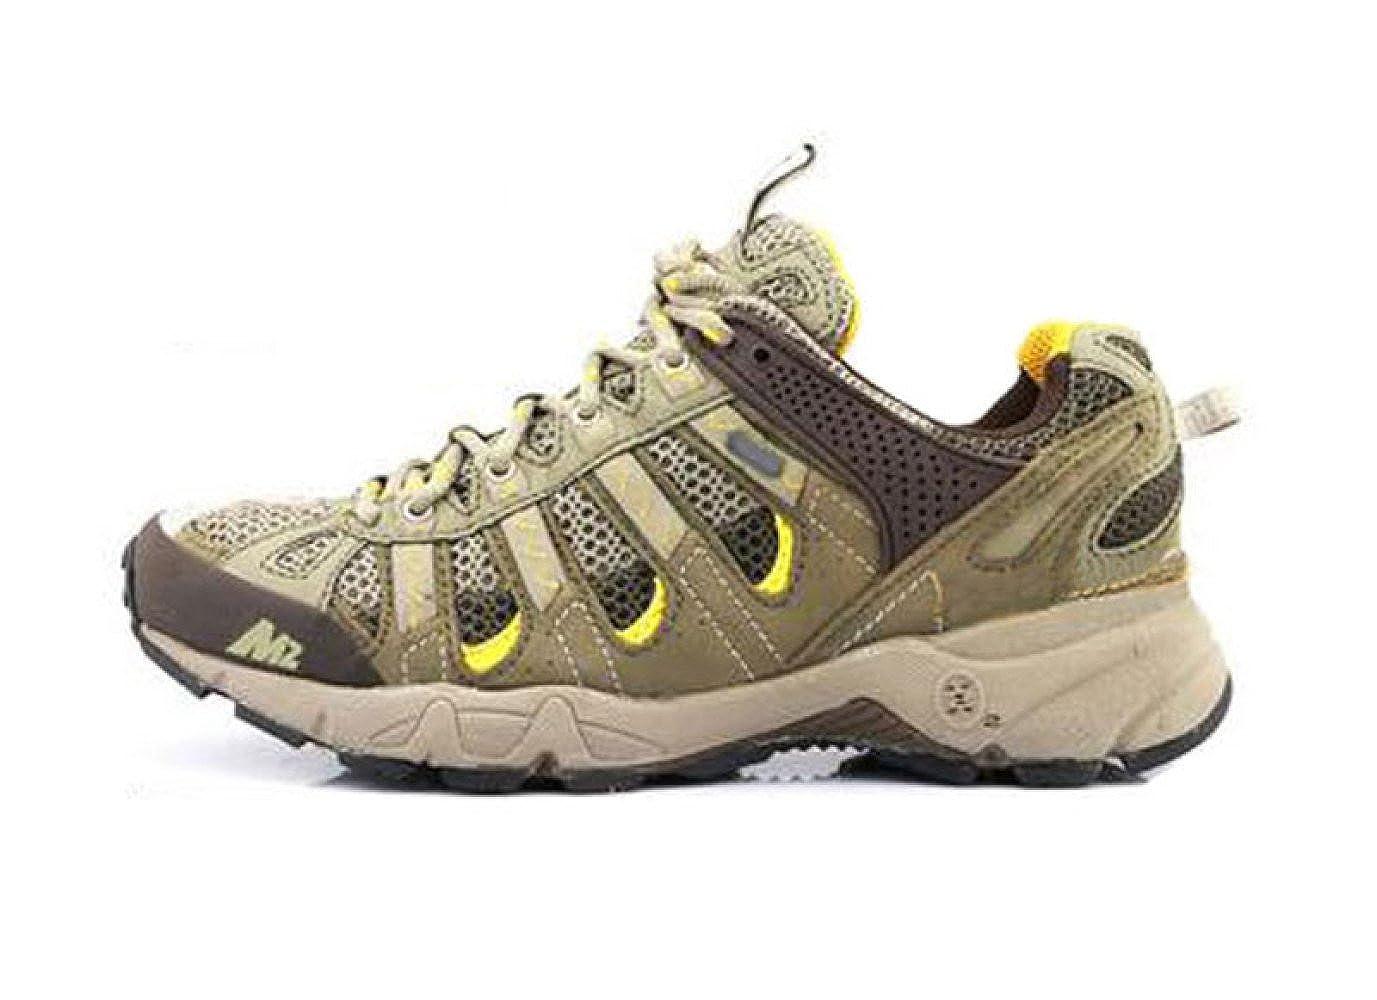 Khakijaune 43 EU DZHXYXR Escalade D'été Chaussures d'escalade Slip Wear Chaussures pour Hommes Chaussures De Maille Hors-Course Chaussures pour Hommes